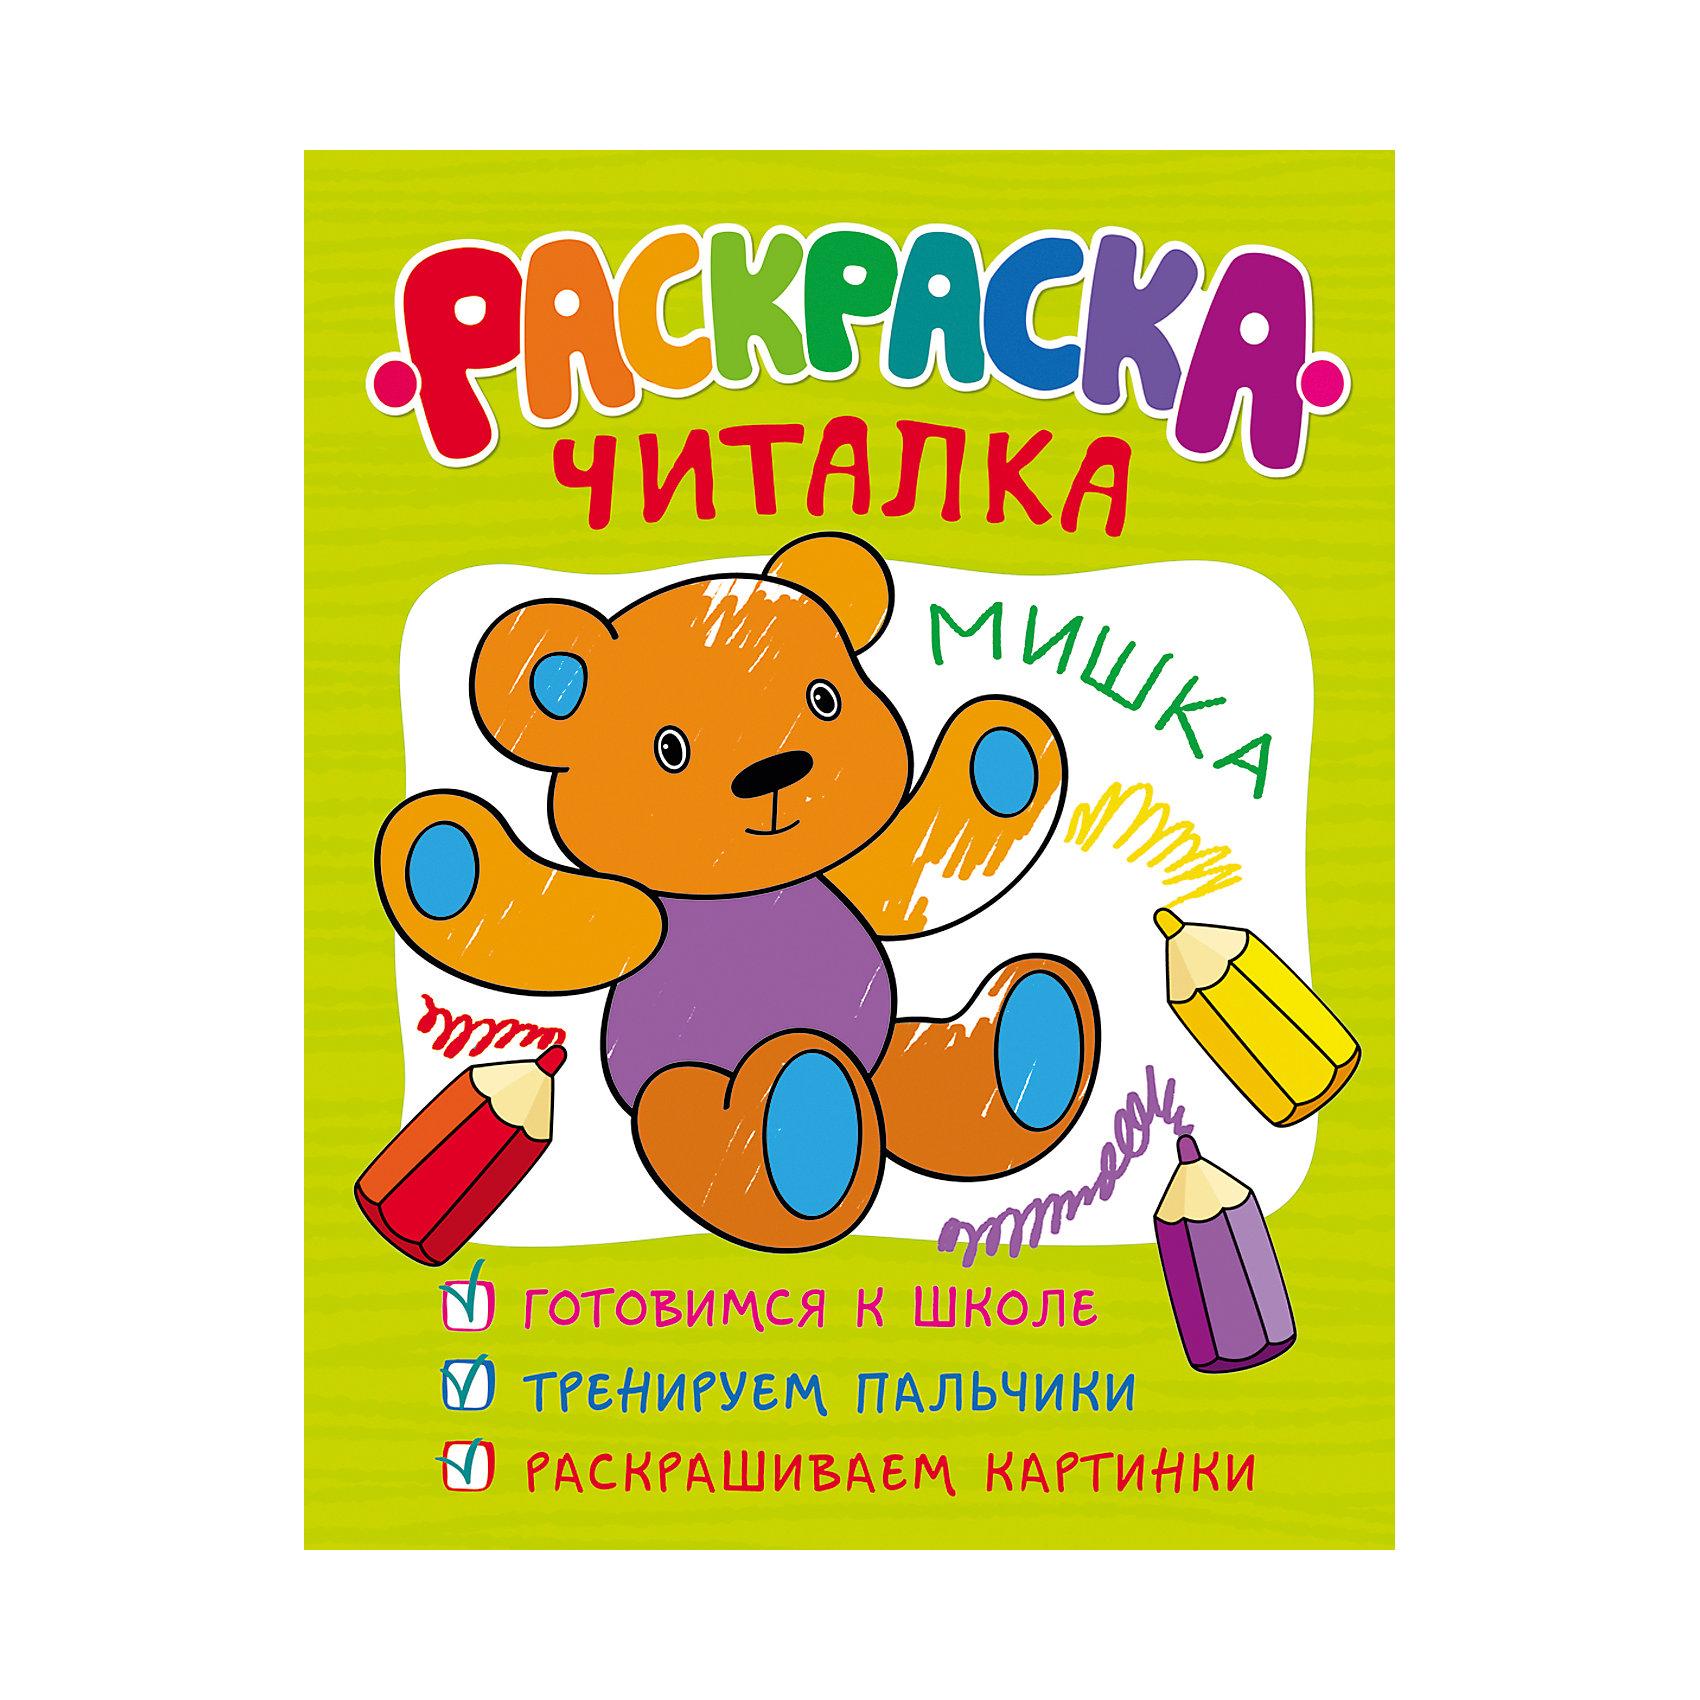 Раскраска-читалка (обучающие раскраски)Рисование<br>Характеристики товара:<br><br>- цвет: разноцветный;<br>- материал: бумага;<br>- страниц: 48;<br>- формат: 25 х 20 см;<br>- обложка: мягкая;<br>- развивающее издание.<br><br>Это интересное развивающее издание станет отличным подарком для родителей и ребенка. Оно содержит в себе задания в игровой форме, с помощью которых учиться писать гораздо проще. Всё представлено в очень простой форме! Это издание поможет привить любовь к учебе!<br>Такое обучение помогает ребенку развивать зрительную память, концентрацию внимания и воображение. Издание произведено из качественных материалов, которые безопасны даже для самых маленьких.<br><br>Издание Раскраска-читалка (обучающие раскраски) от компании Росмэн можно купить в нашем интернет-магазине.<br><br>Ширина мм: 255<br>Глубина мм: 196<br>Высота мм: 3<br>Вес г: 168<br>Возраст от месяцев: 36<br>Возраст до месяцев: 72<br>Пол: Унисекс<br>Возраст: Детский<br>SKU: 5110023